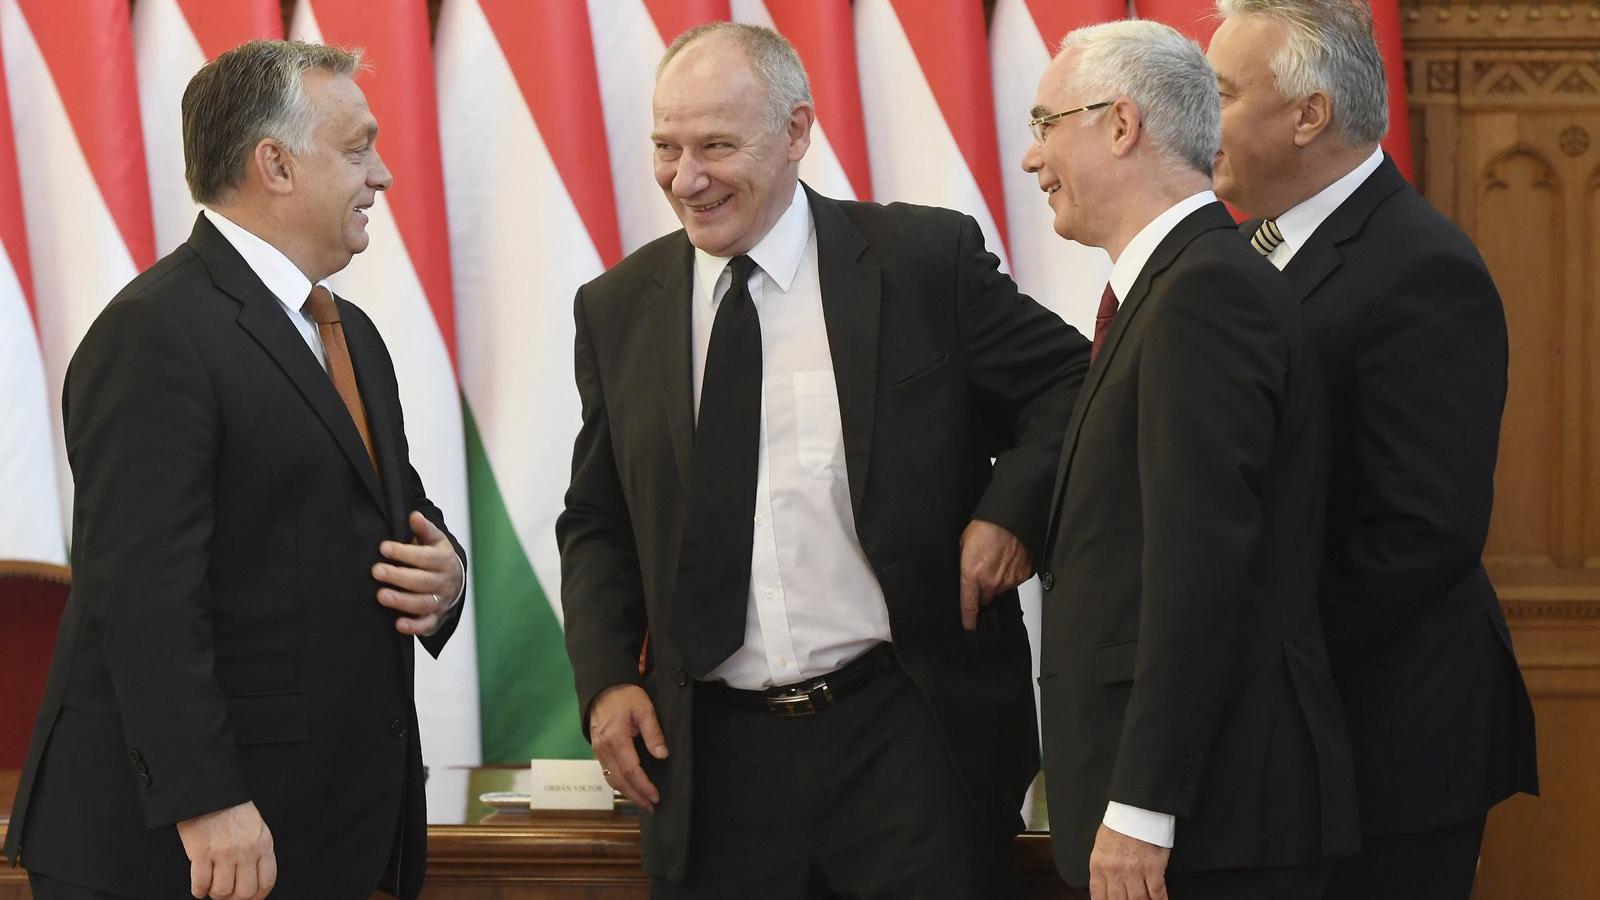 Miniszterek randevúk